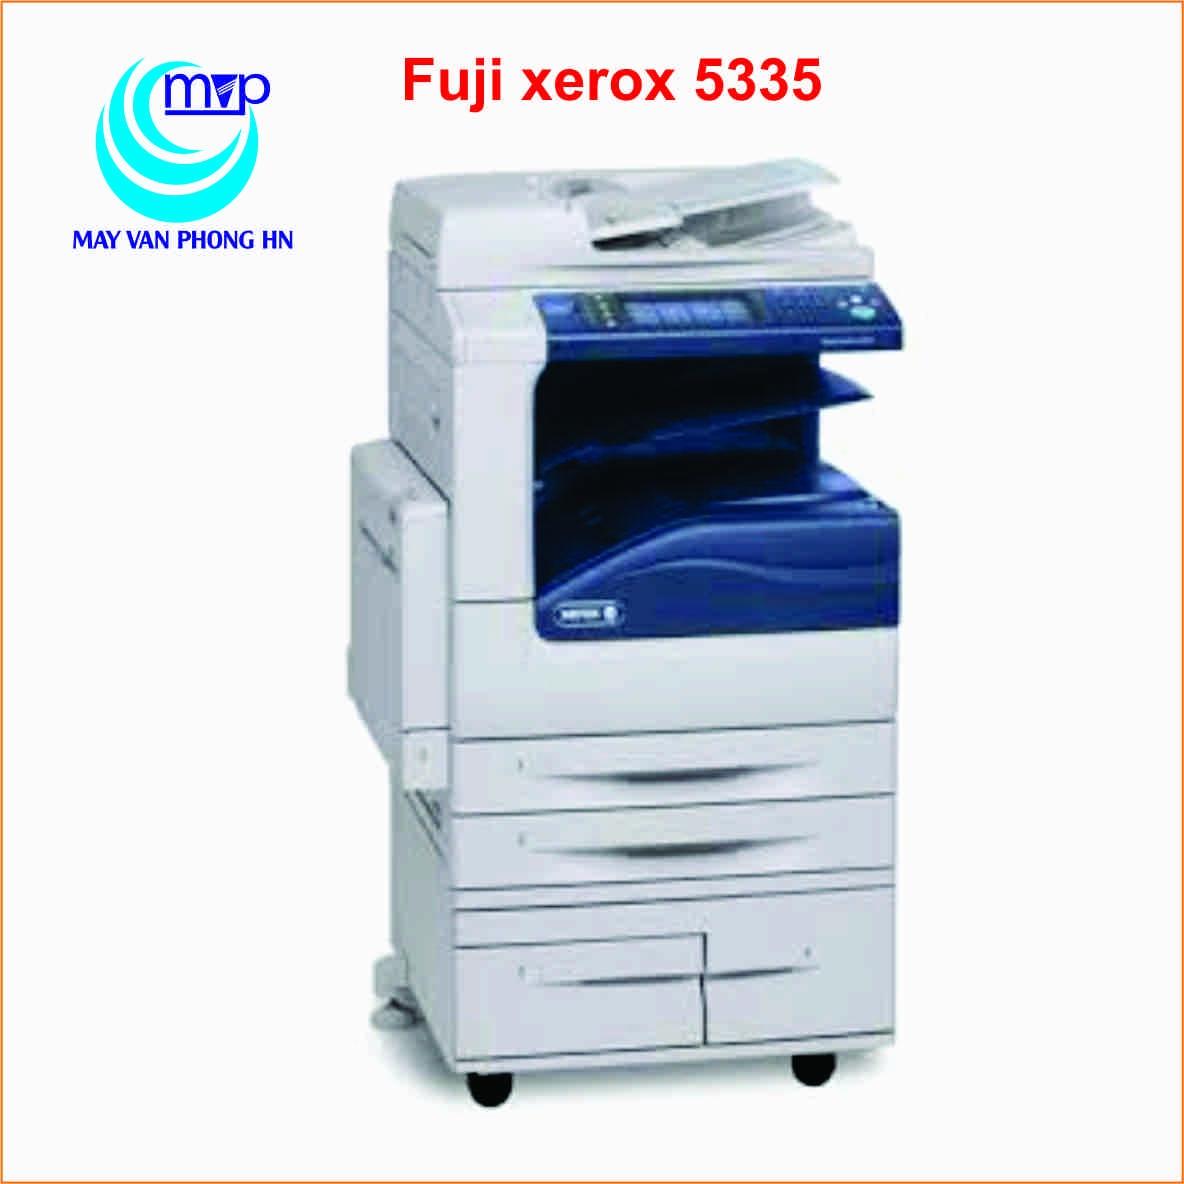 Fuji xerox 5335